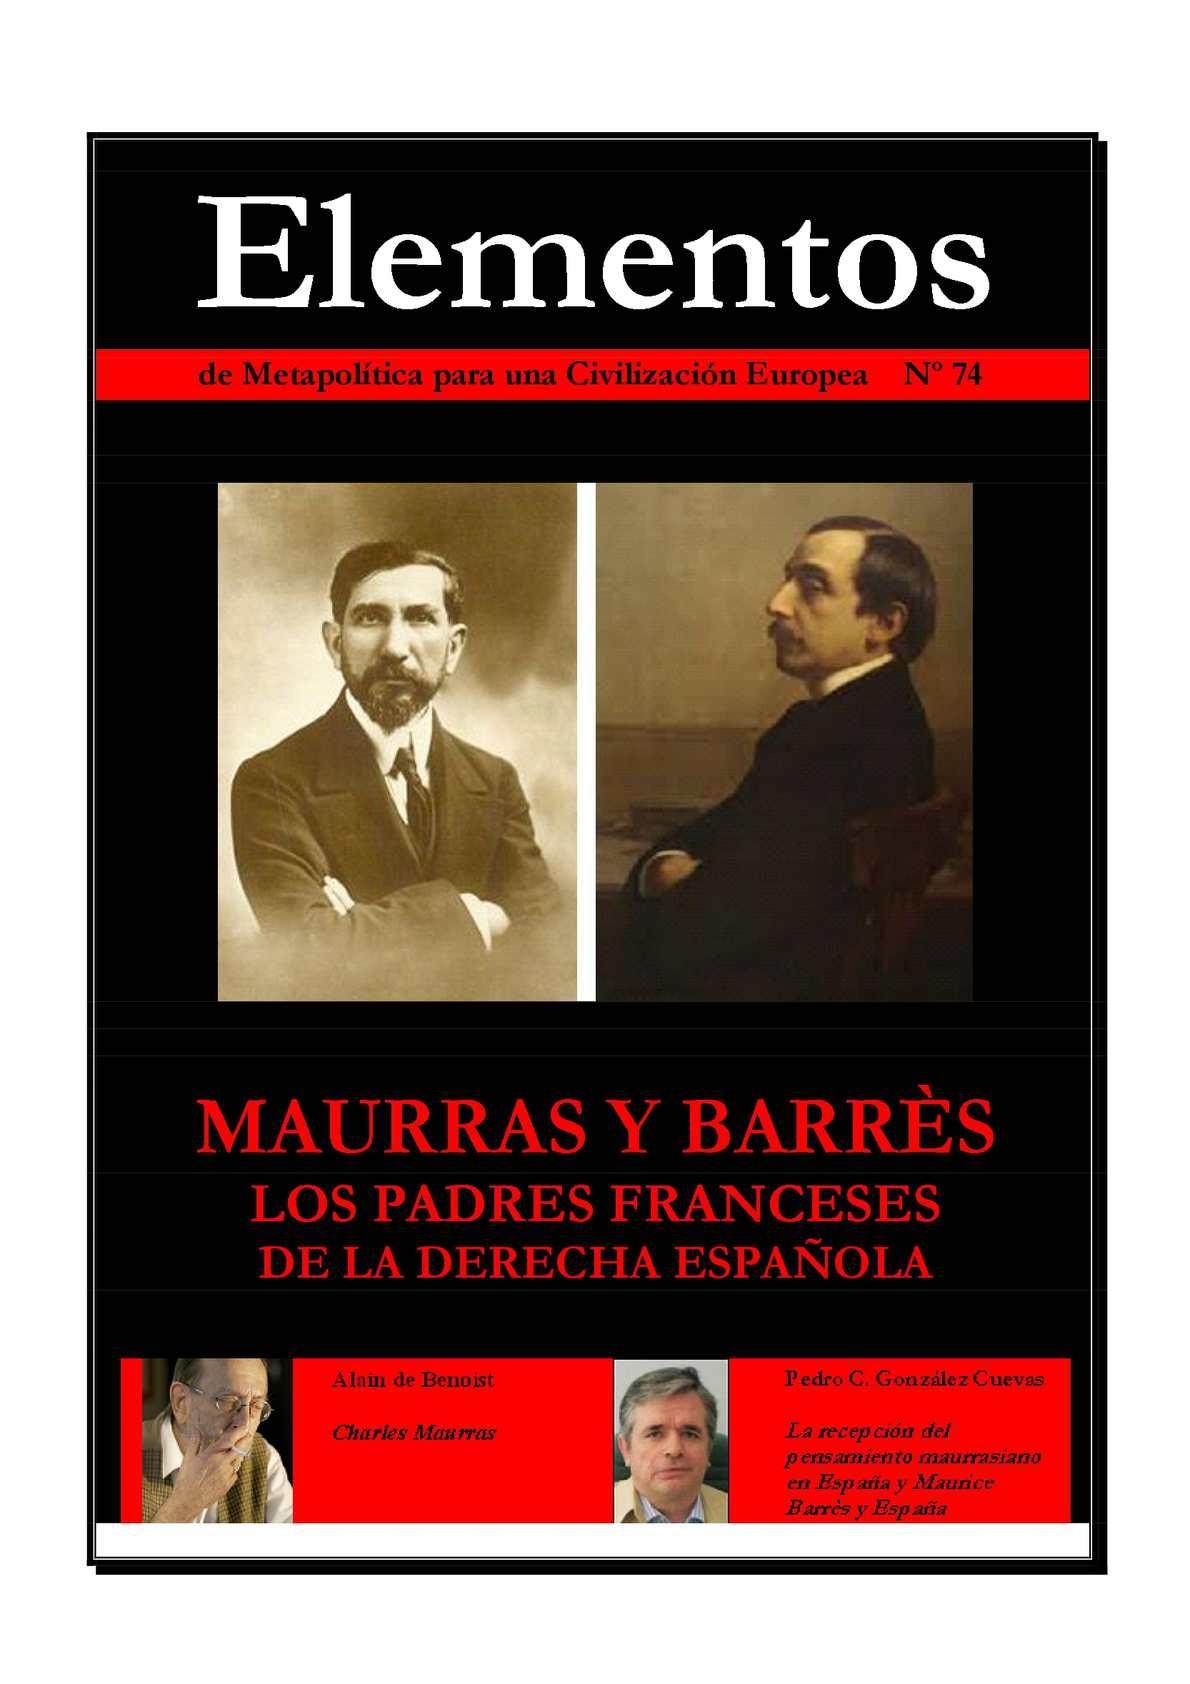 Elementos 74 : Maurras y Barrès